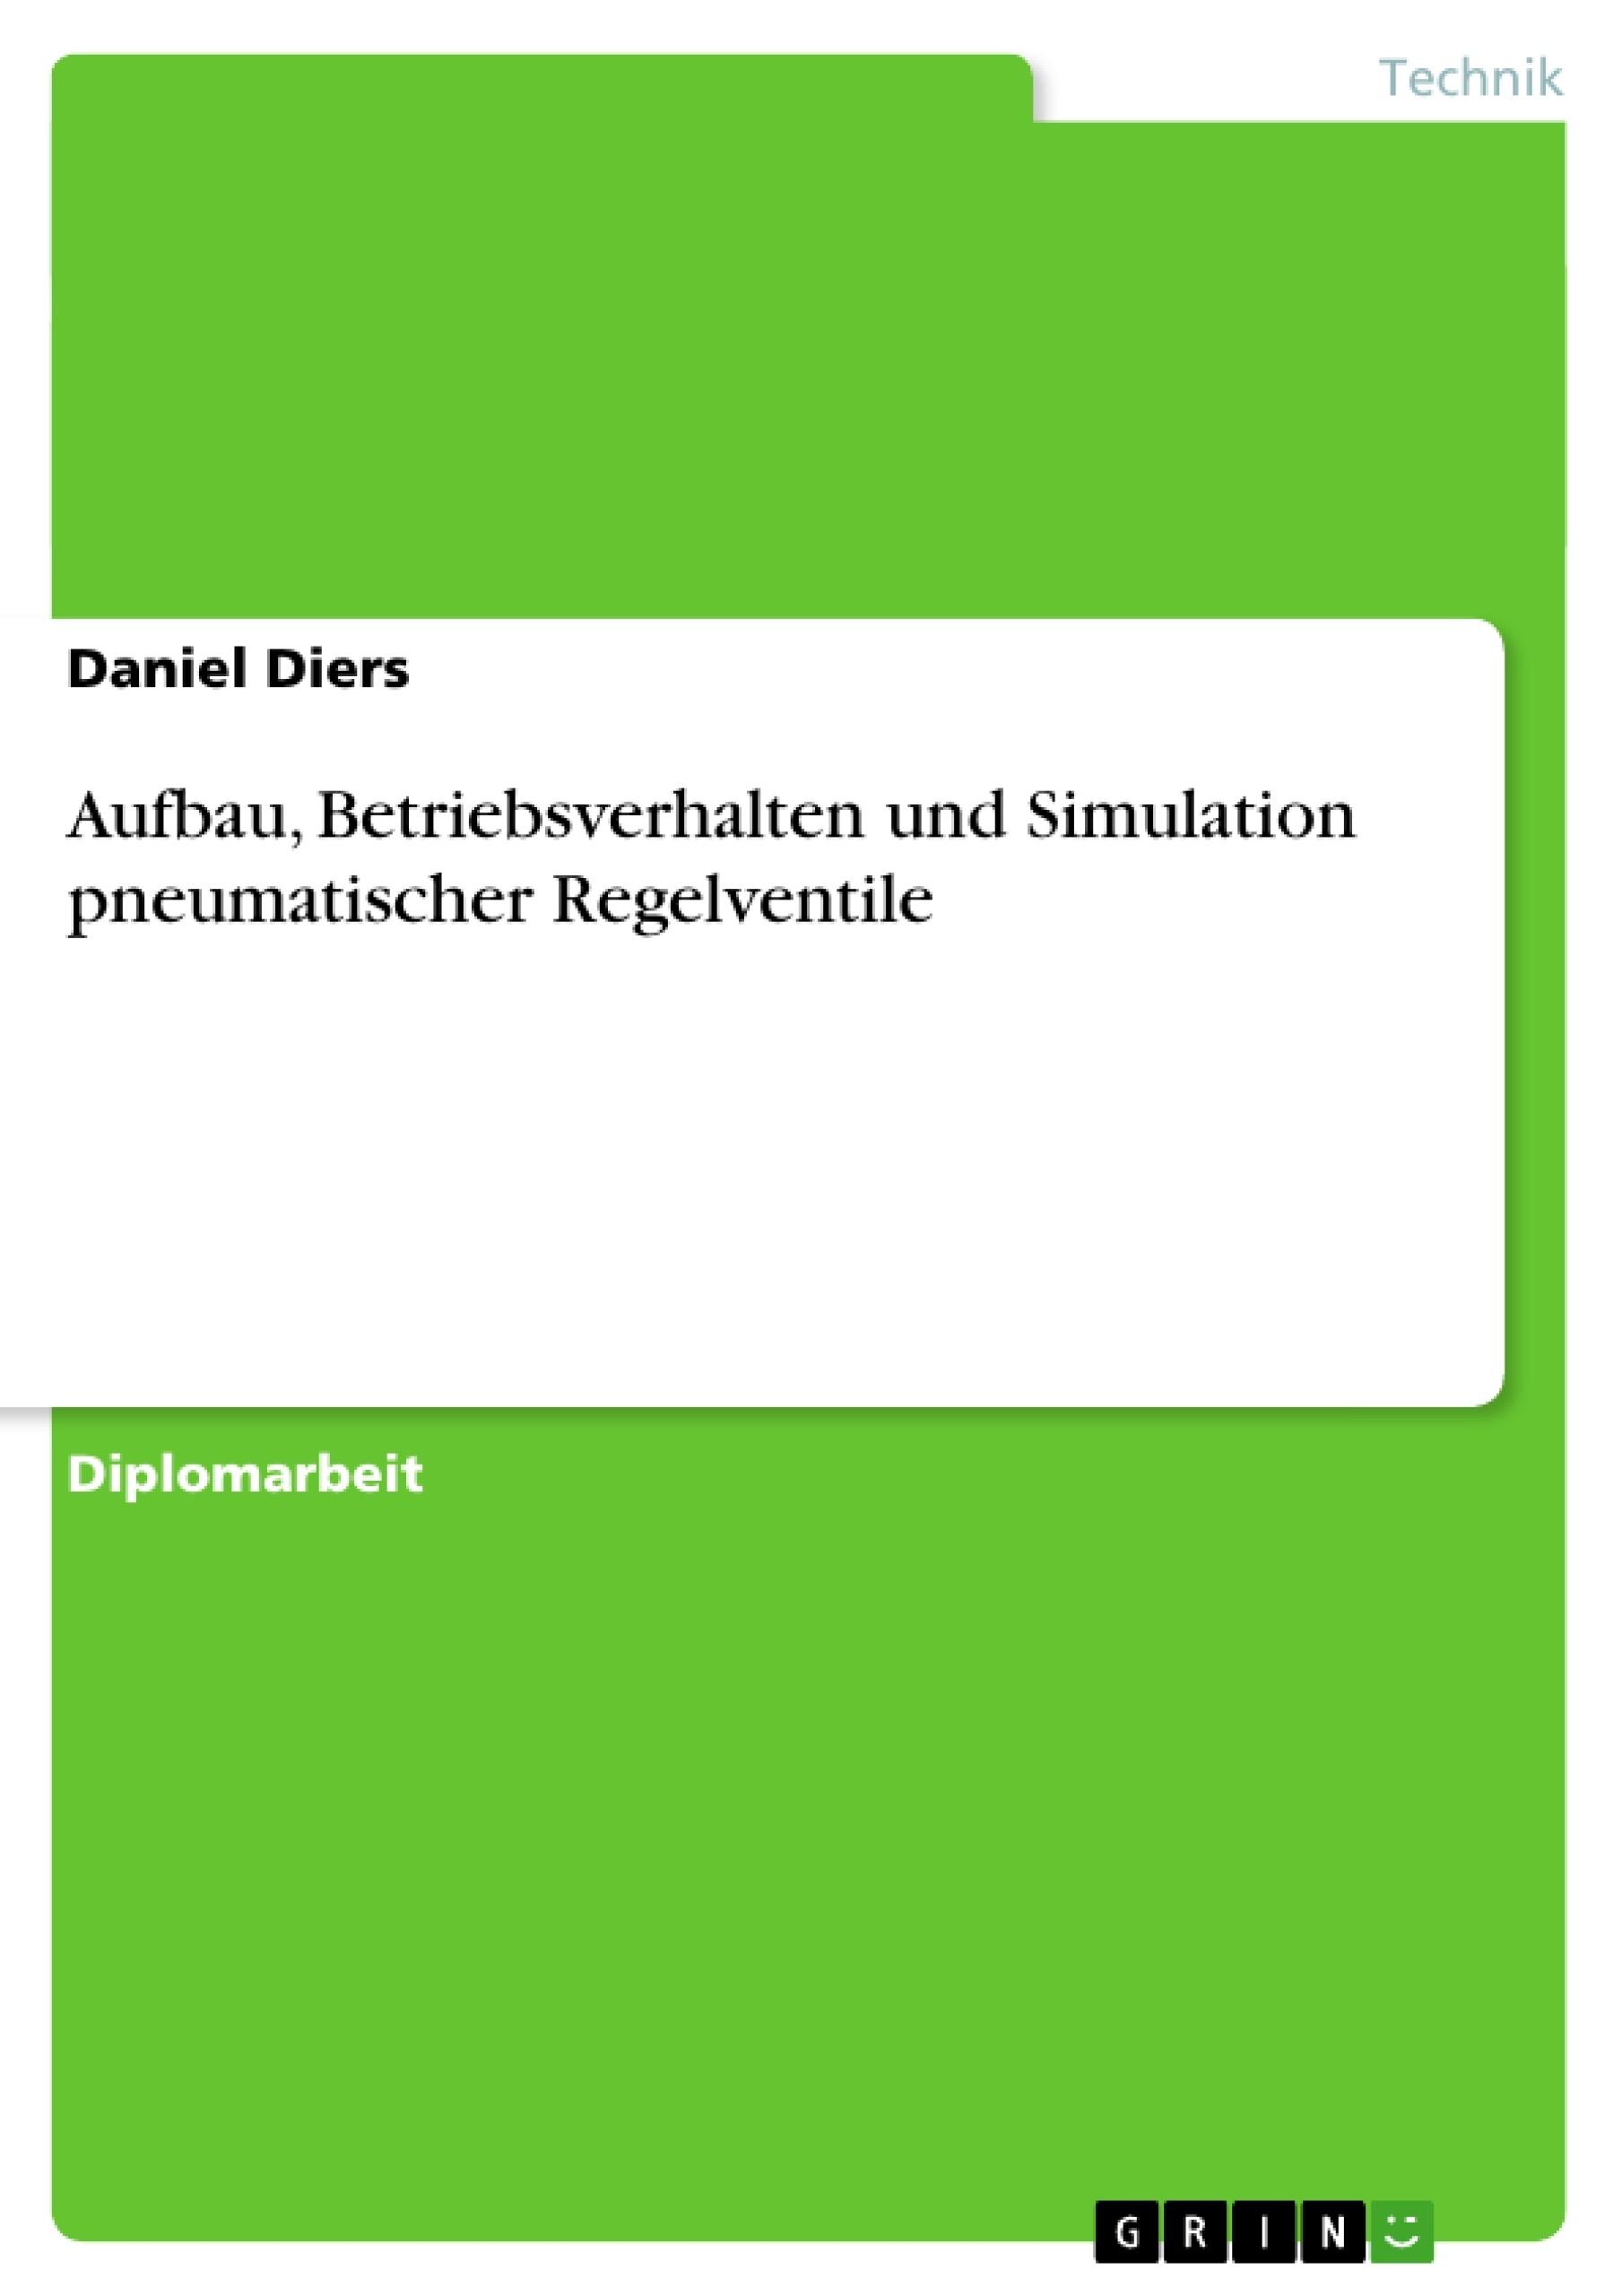 Titel: Aufbau, Betriebsverhalten und Simulation pneumatischer Regelventile